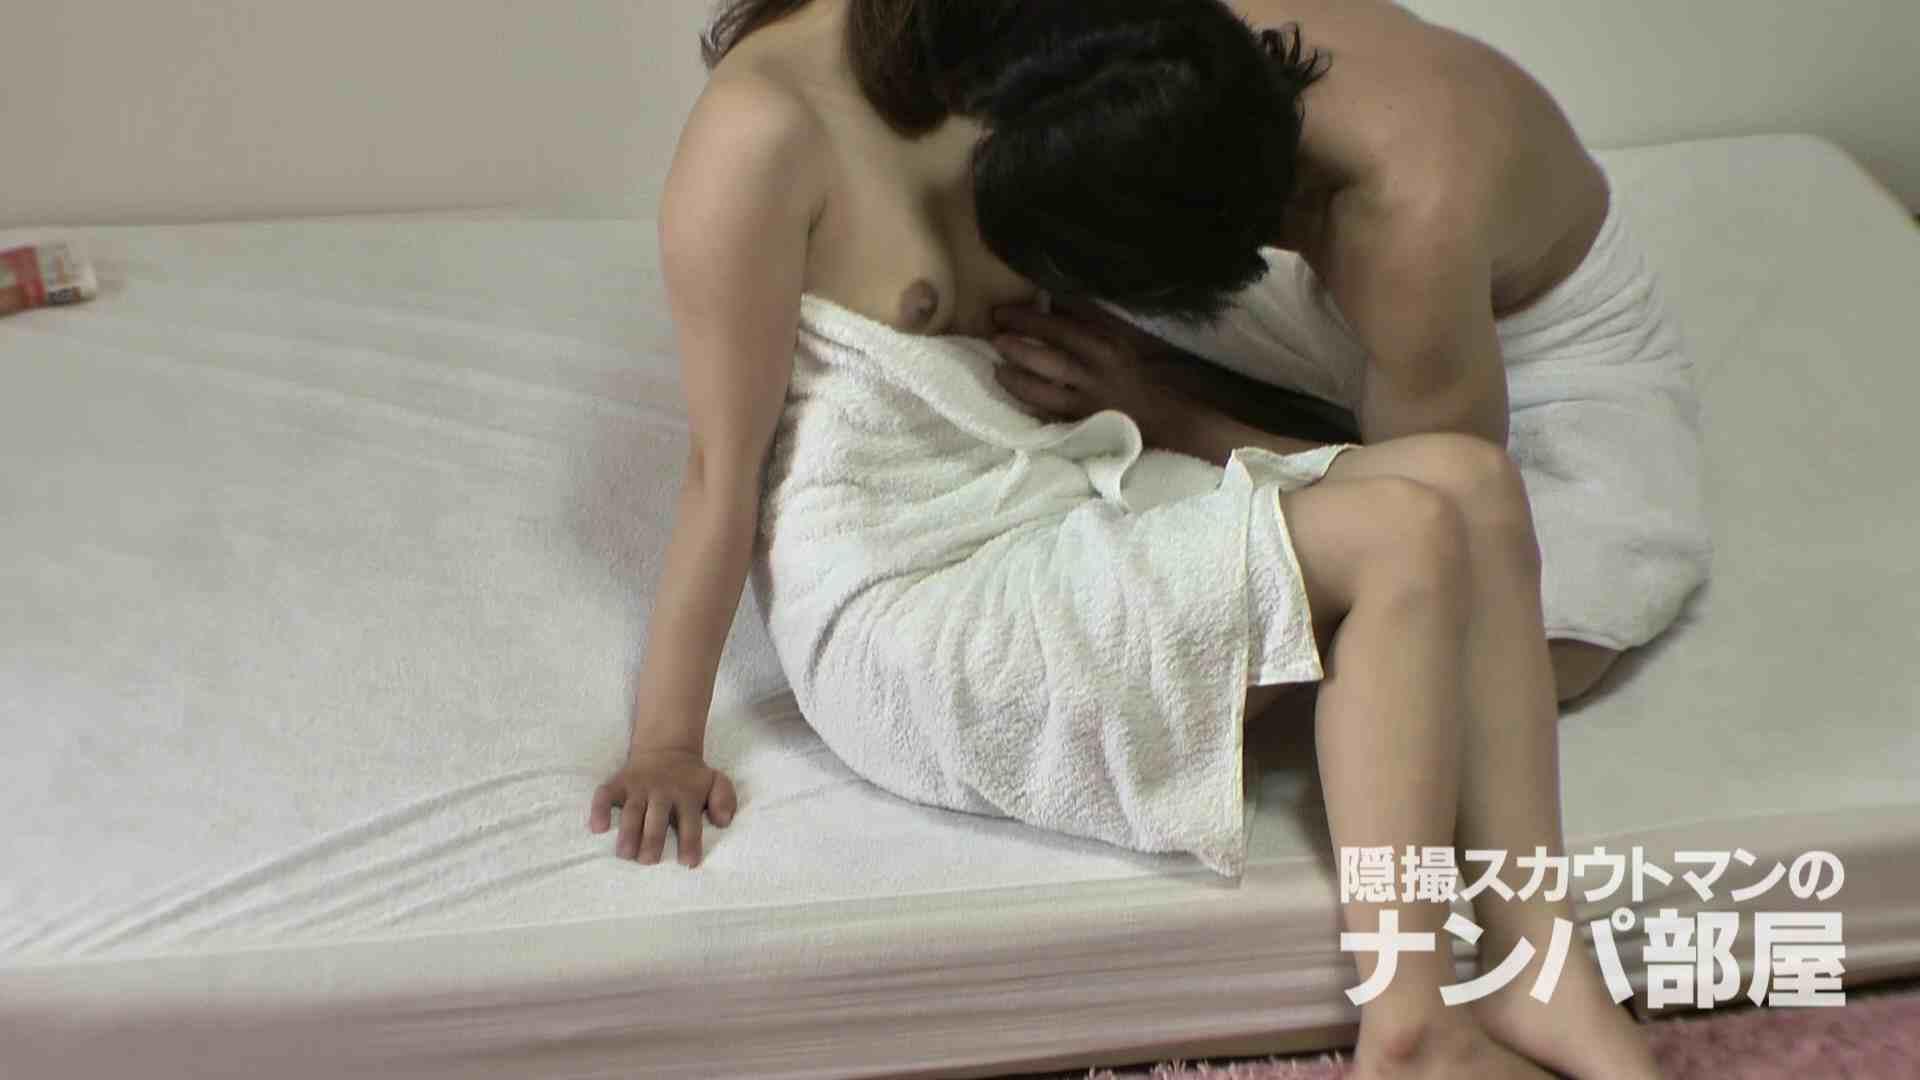 隠撮スカウトマンのナンパ部屋~風俗デビュー前のつまみ食い~ sii 隠撮   脱衣所  67pic 43